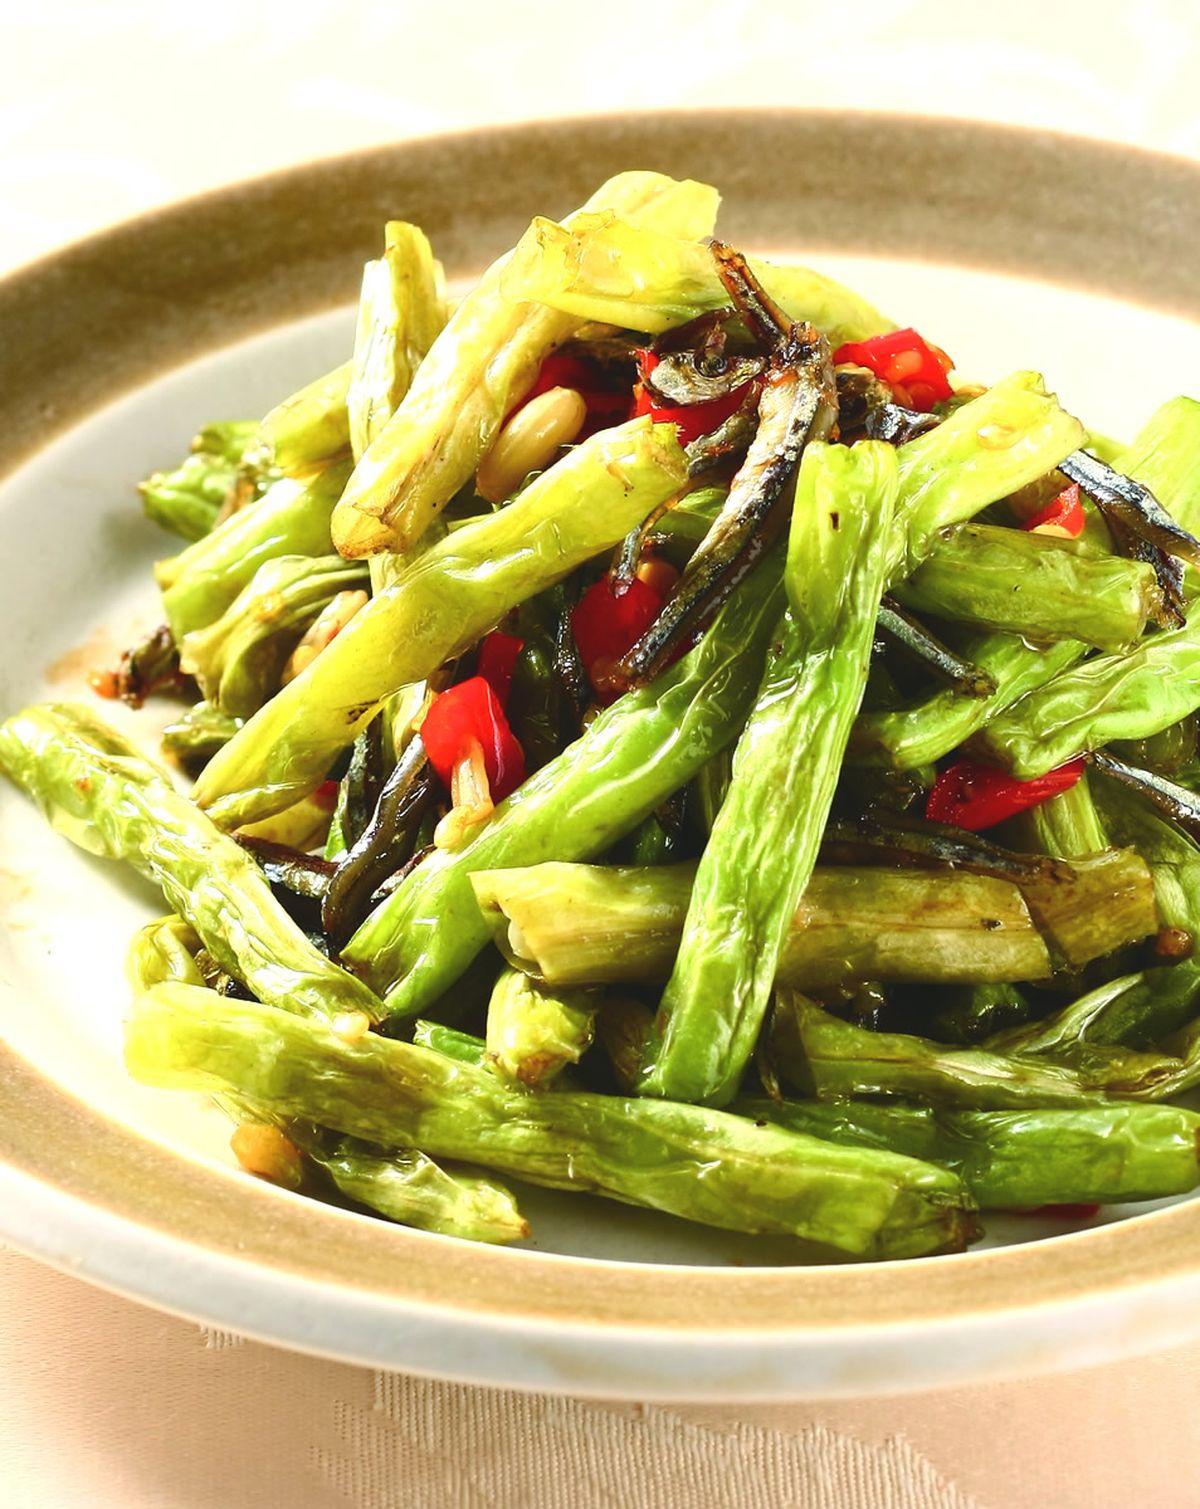 食譜:丁香乾煸四季豆